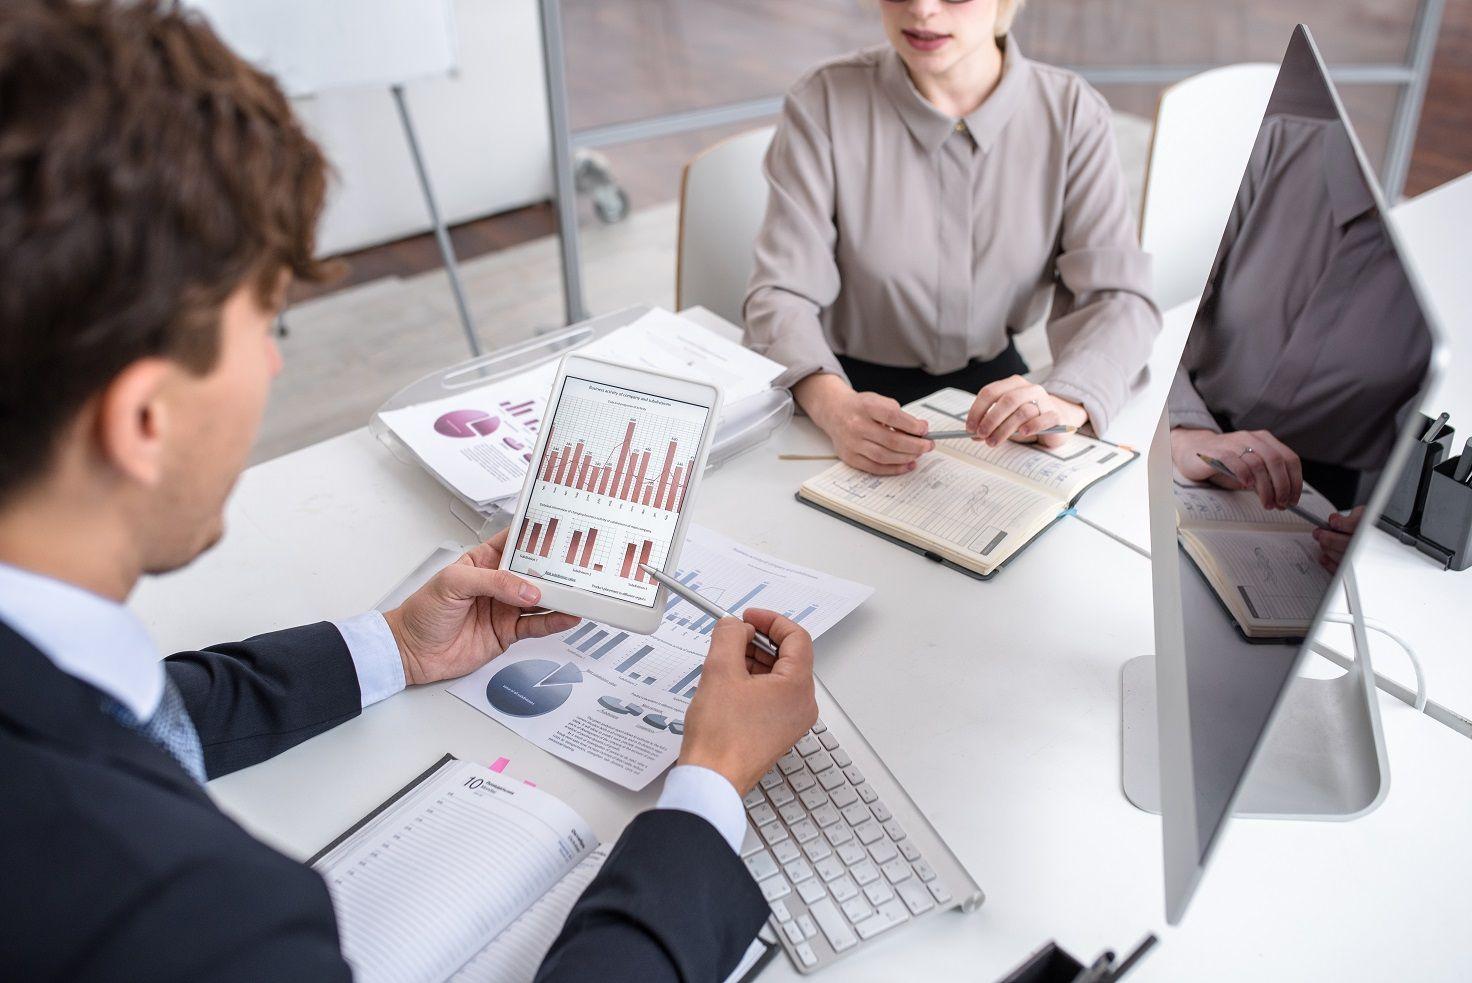 Опрос Института налогообложения Великобритании показал низкую эффективность новой системы электронной налоговой отчётности